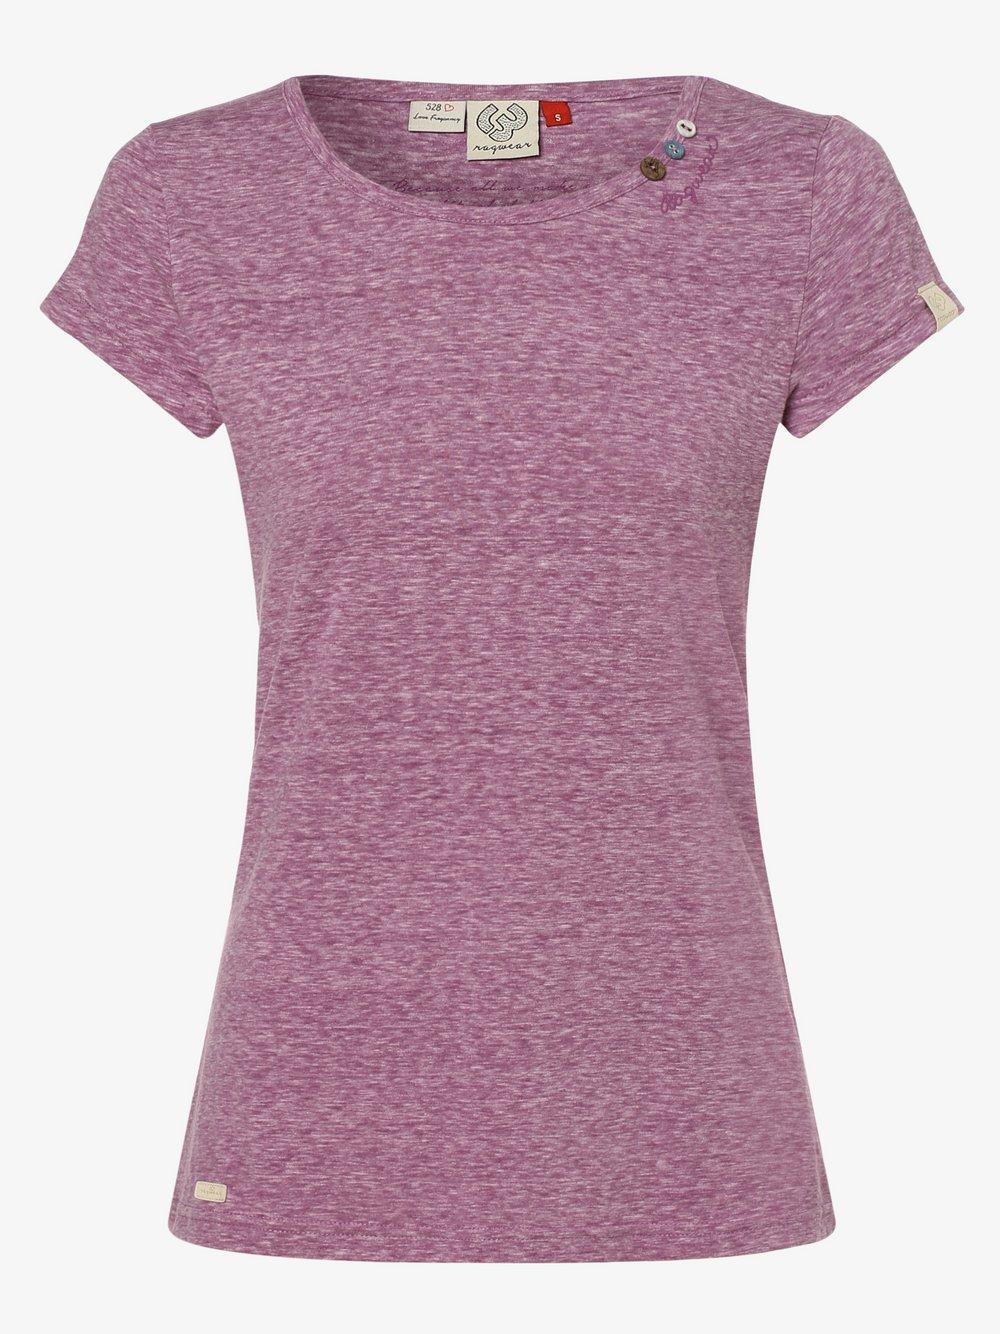 Ragwear – T-shirt damski – Mint, lila Van Graaf 475056-0002-09960